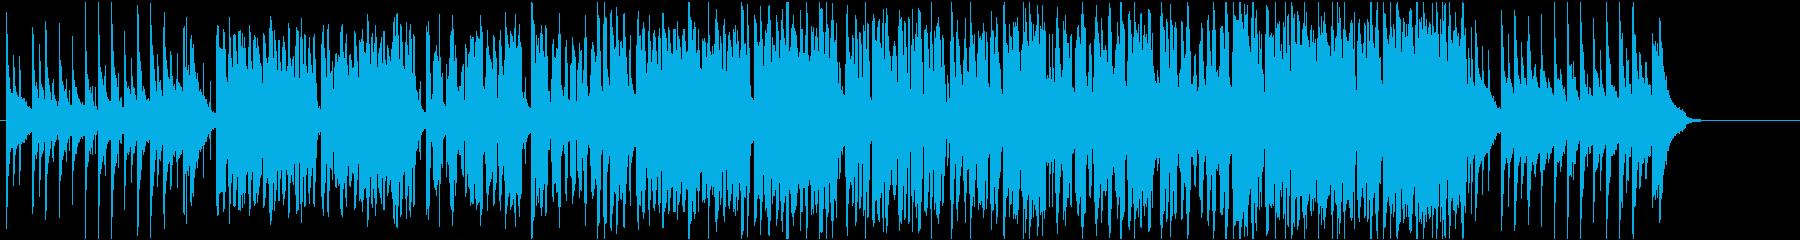 お正月の定番・童謡「お正月」和風ポップでの再生済みの波形